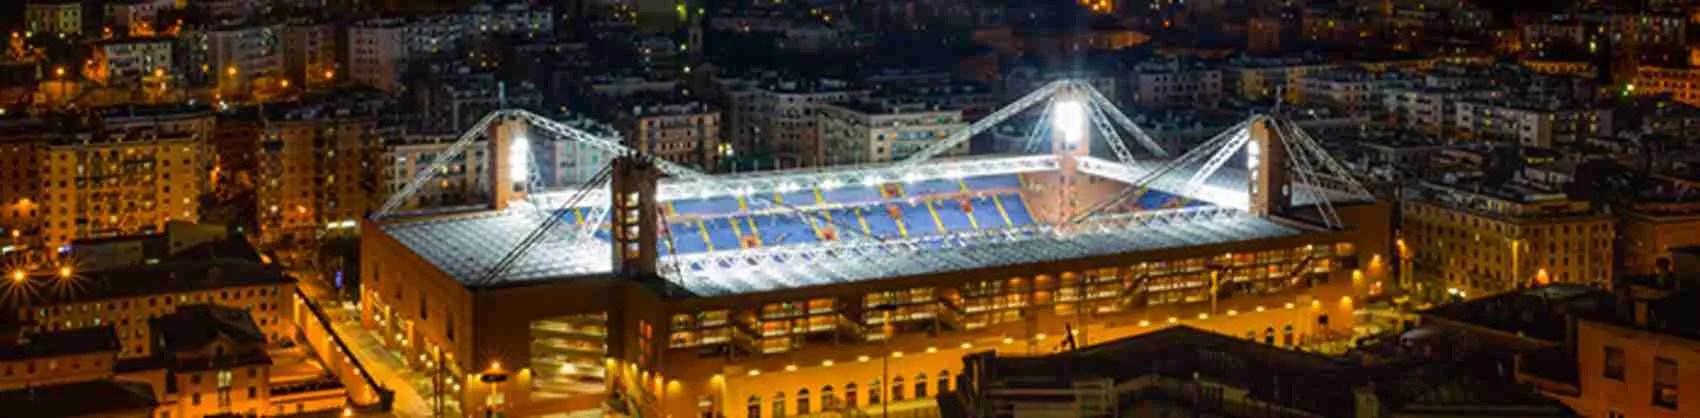 Lo stadio di Genova, occasione perfetta per una serata speciale con una escort di alto livello.